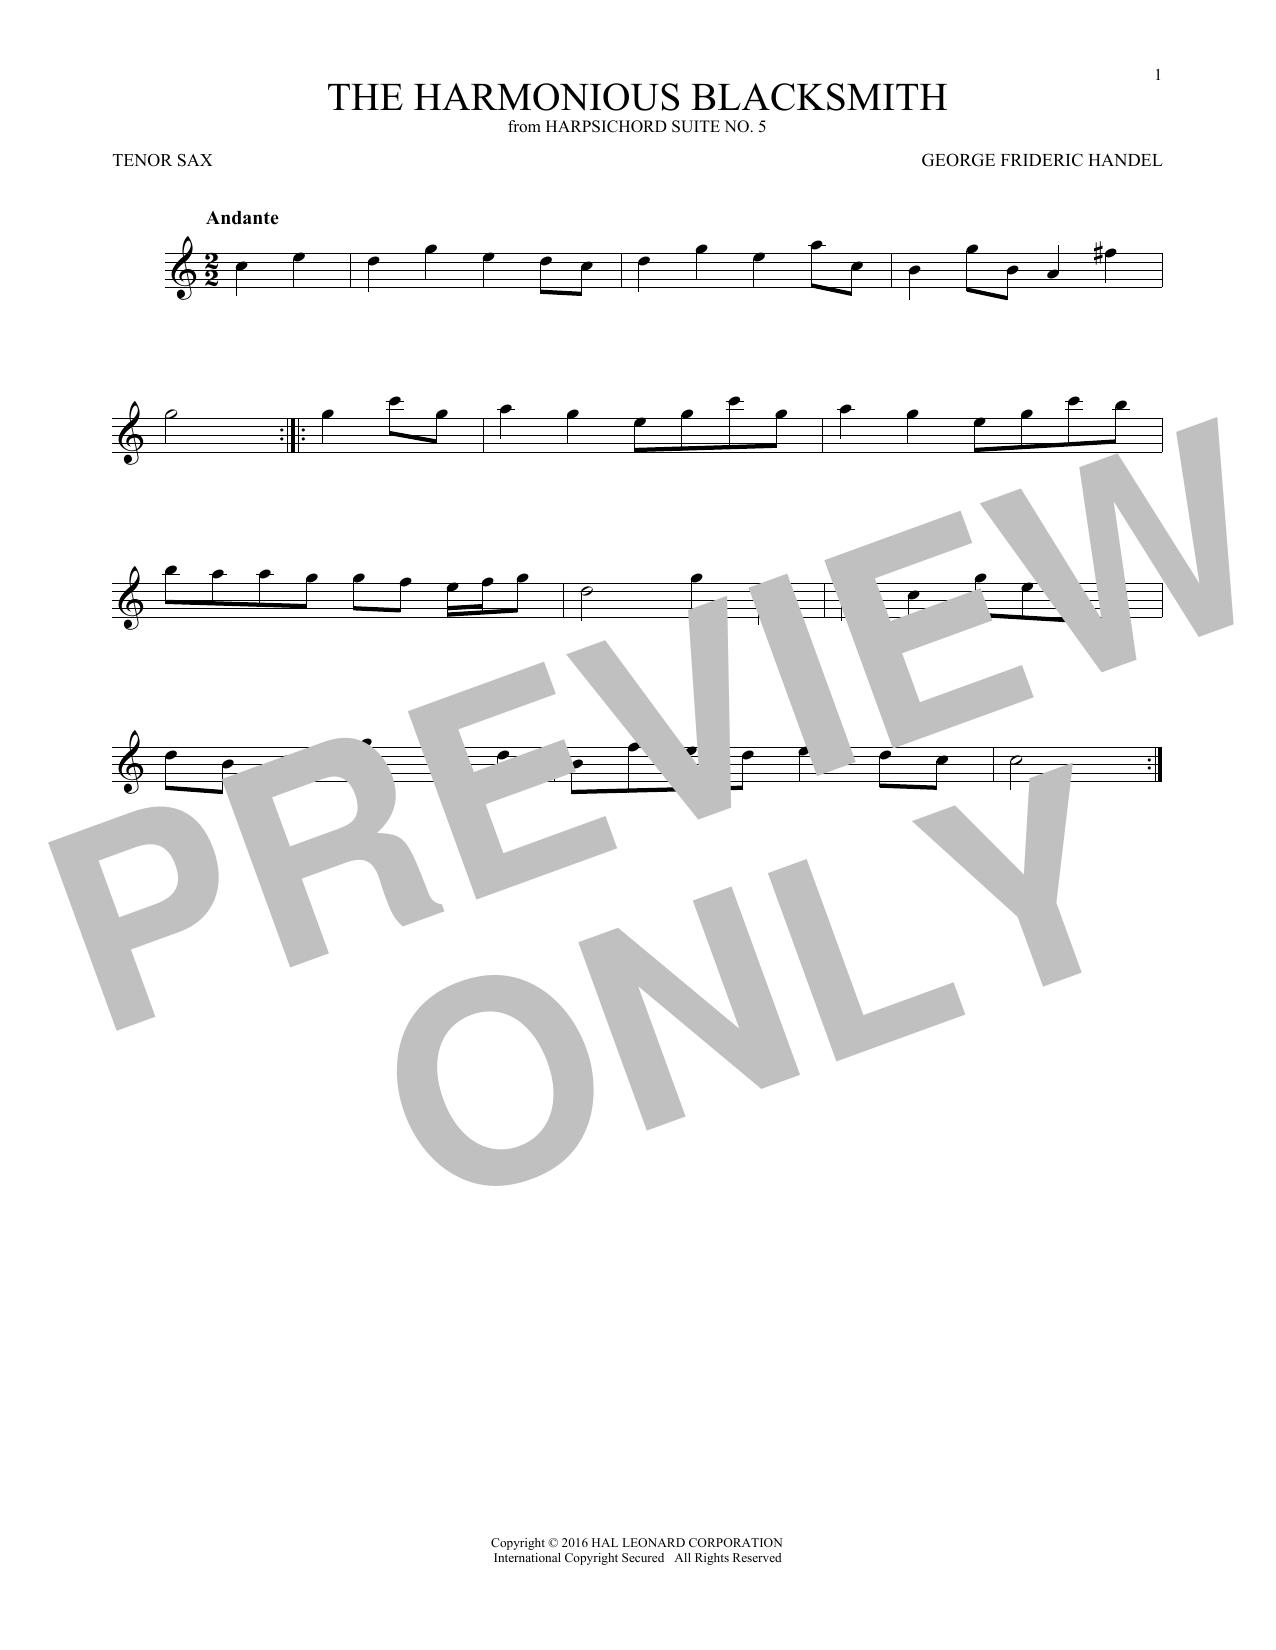 Harmonious Blacksmith (Tenor Sax Solo)